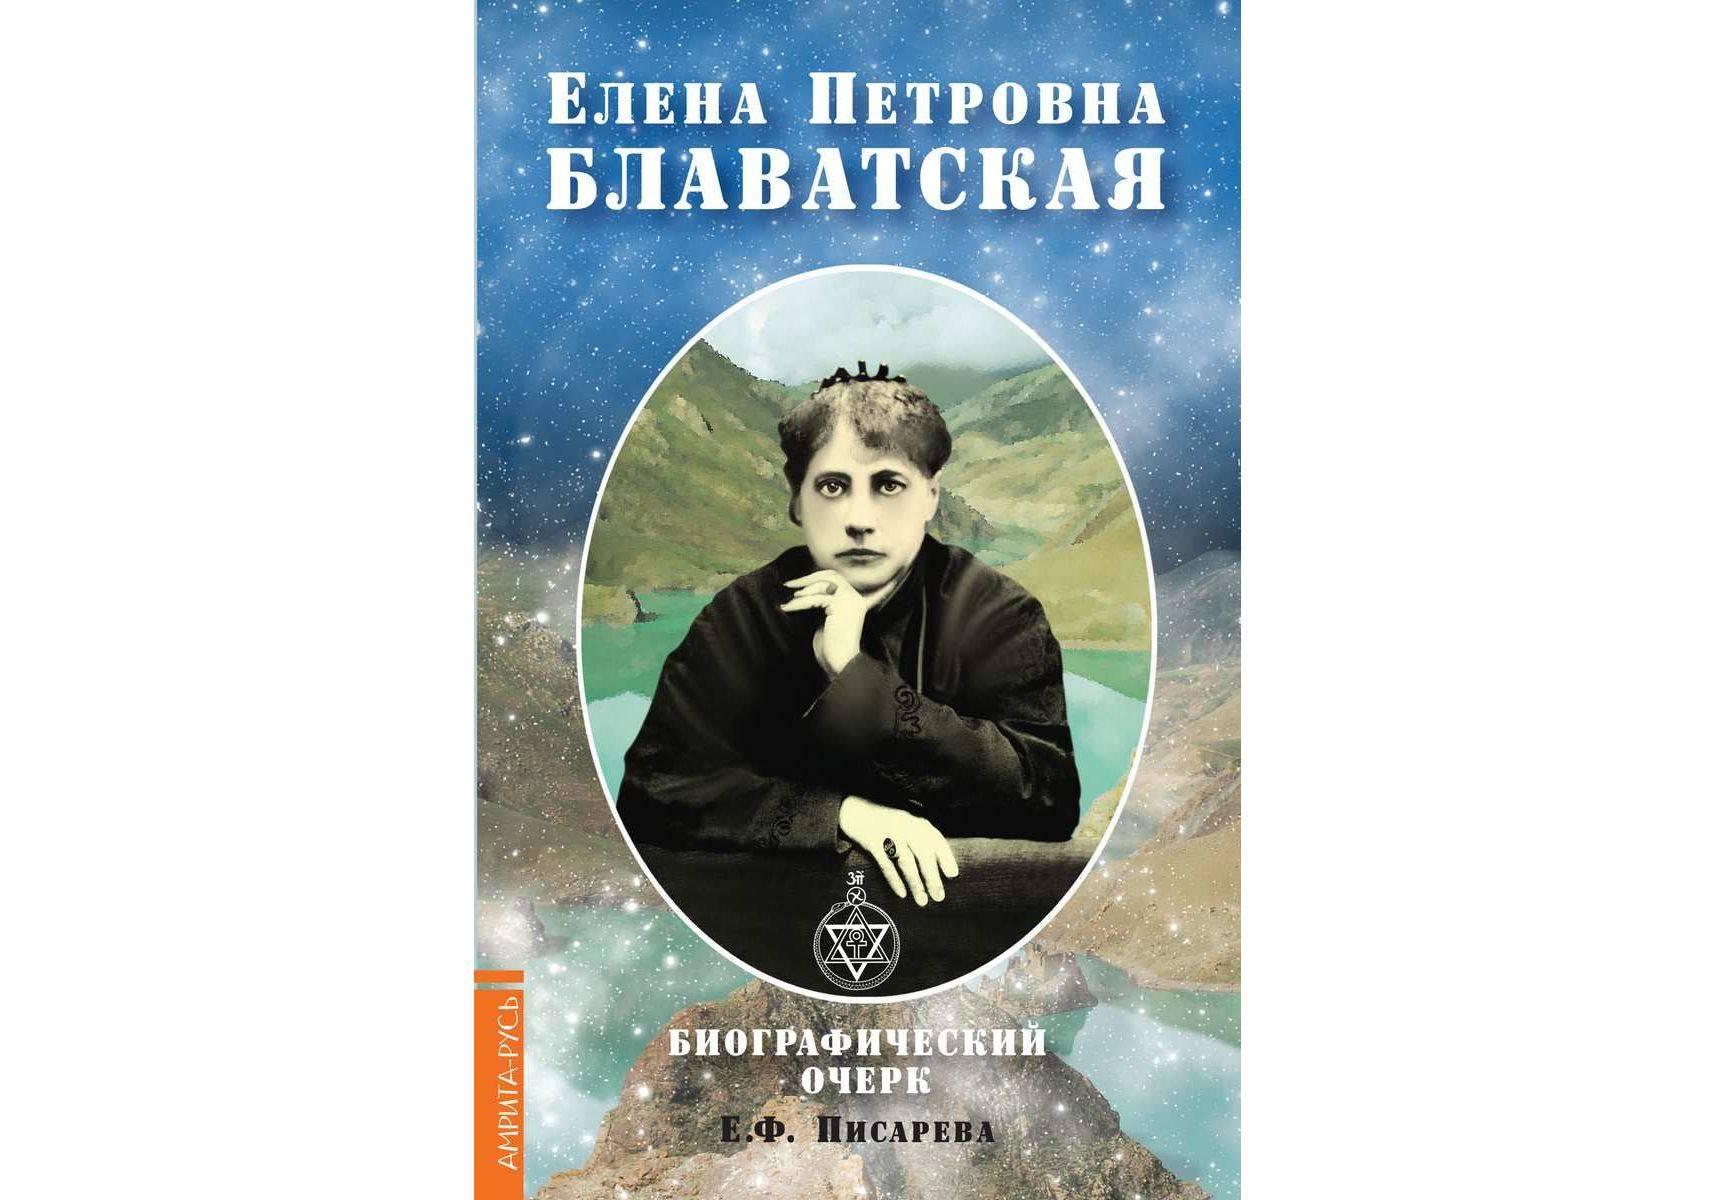 Елена блаватская: дневники е.п. блаватской